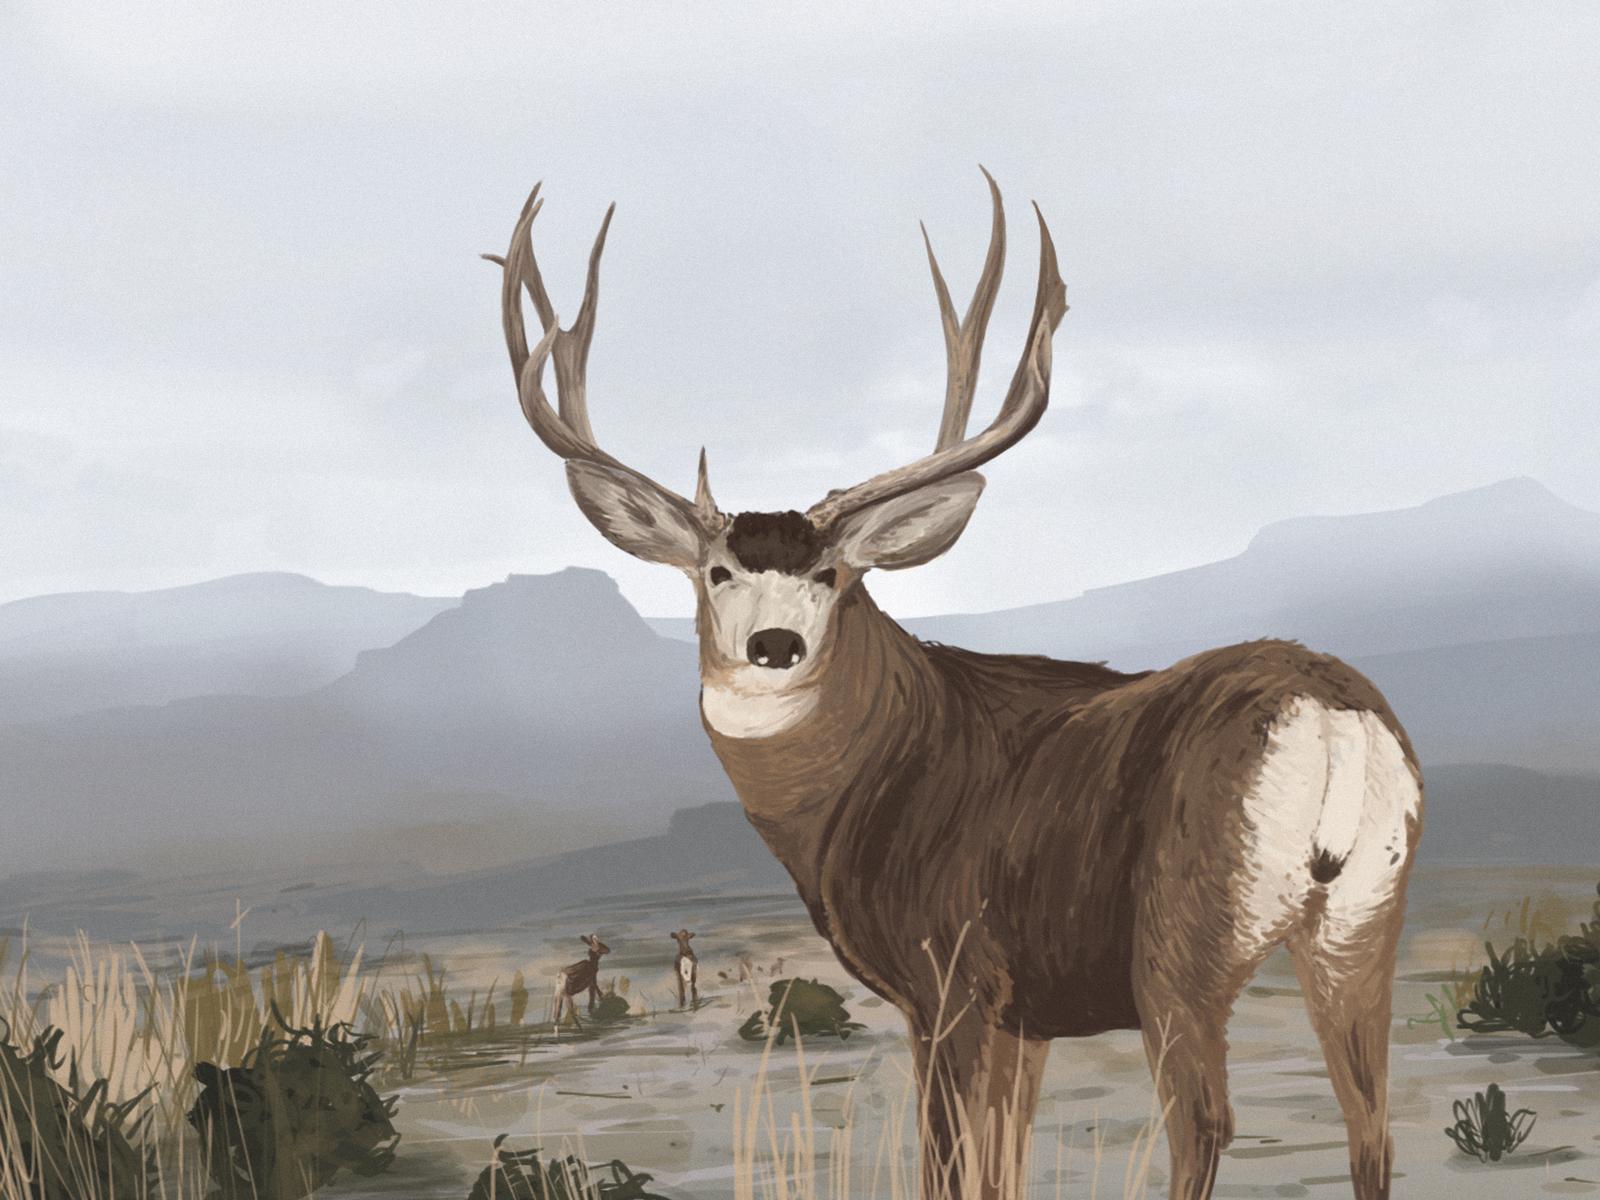 Muley